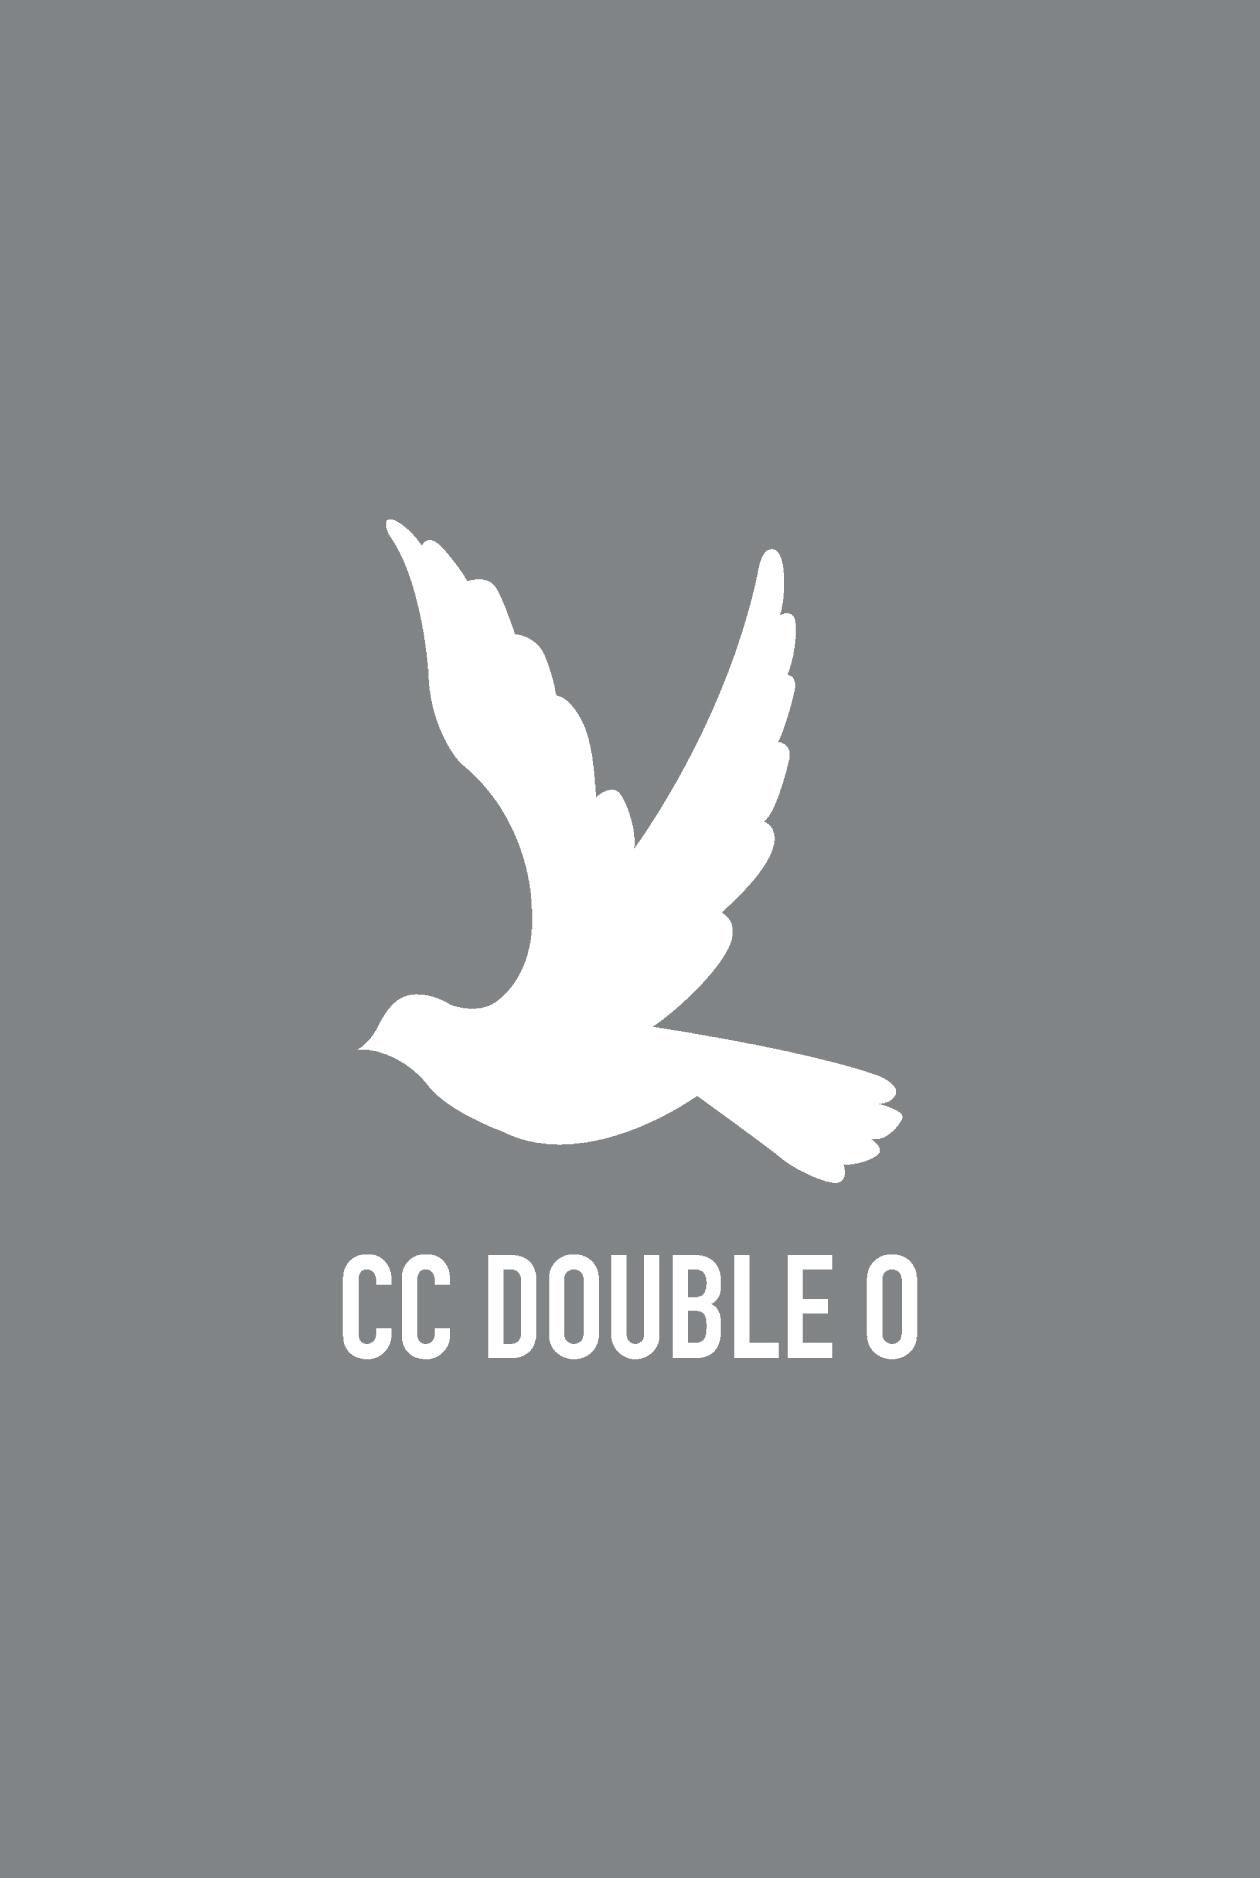 CC DOUBLE O LOGO CAP